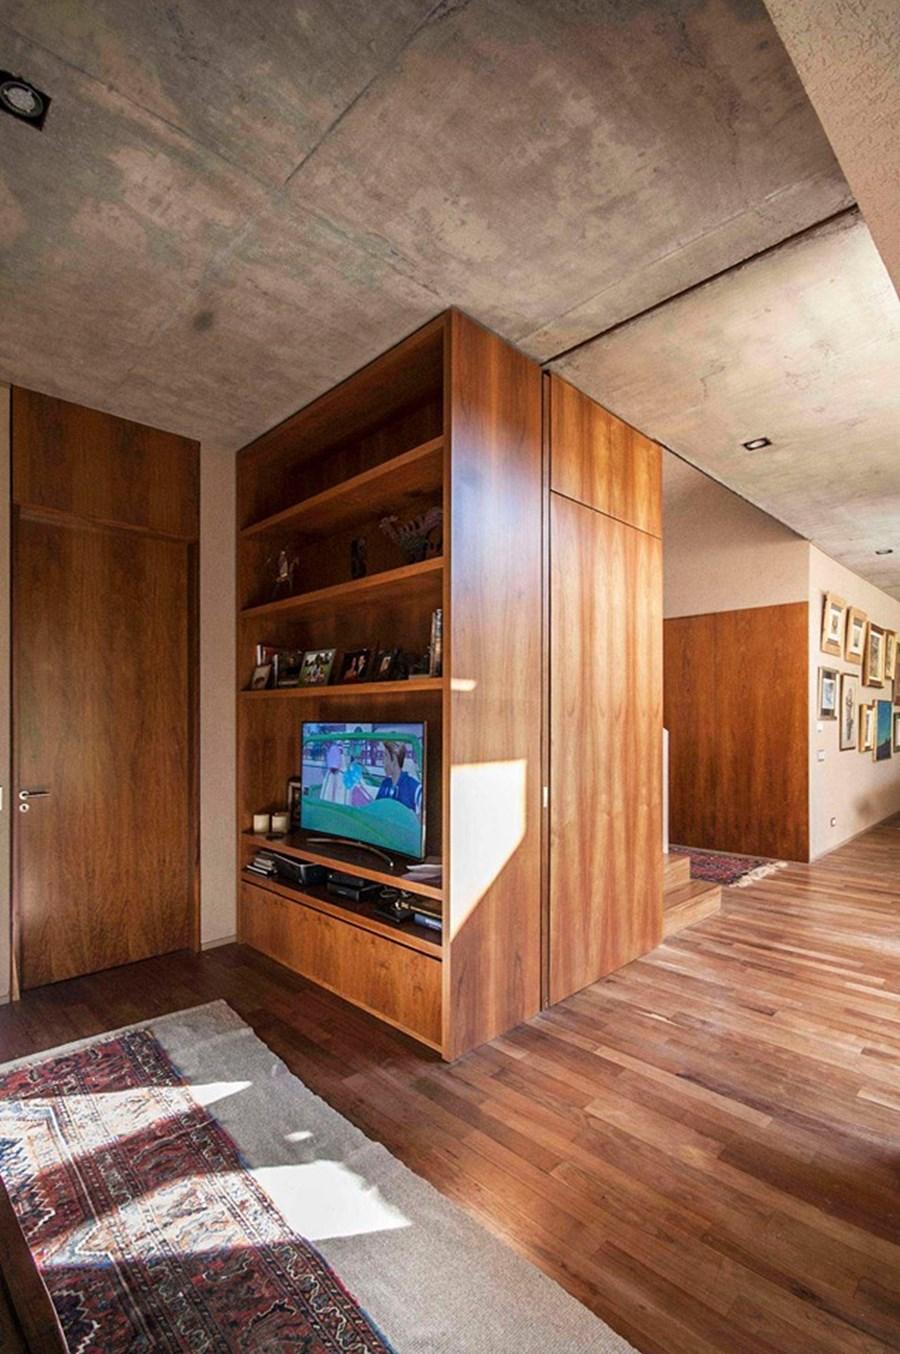 Casa Mirasoles by Andres Fernandez Abadie 14